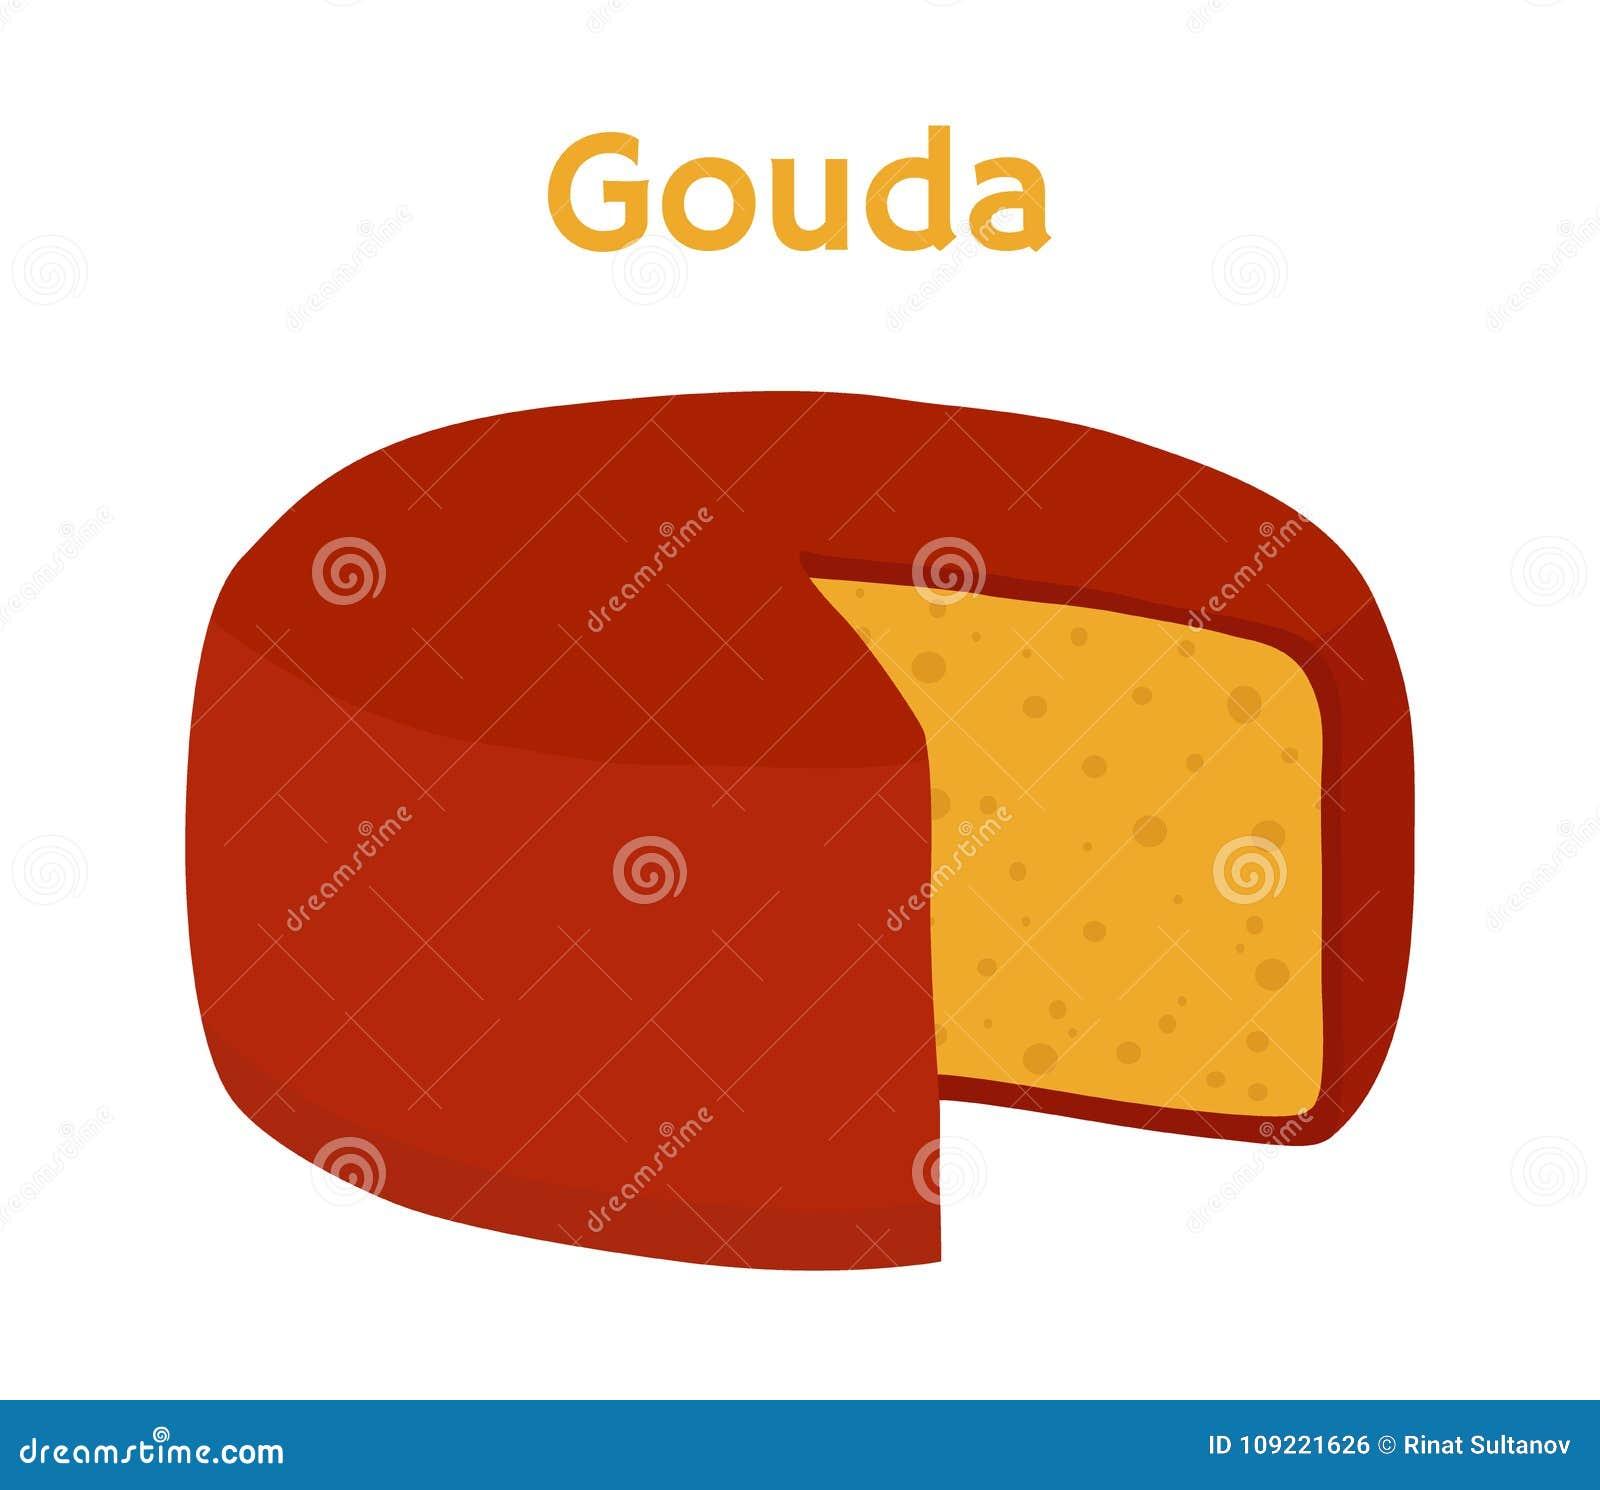 Διανυσματικός φραγμός τυριών γκούντα Φέτα, χοντρό κομμάτι Επίπεδο ύφος κινούμενων σχεδίων